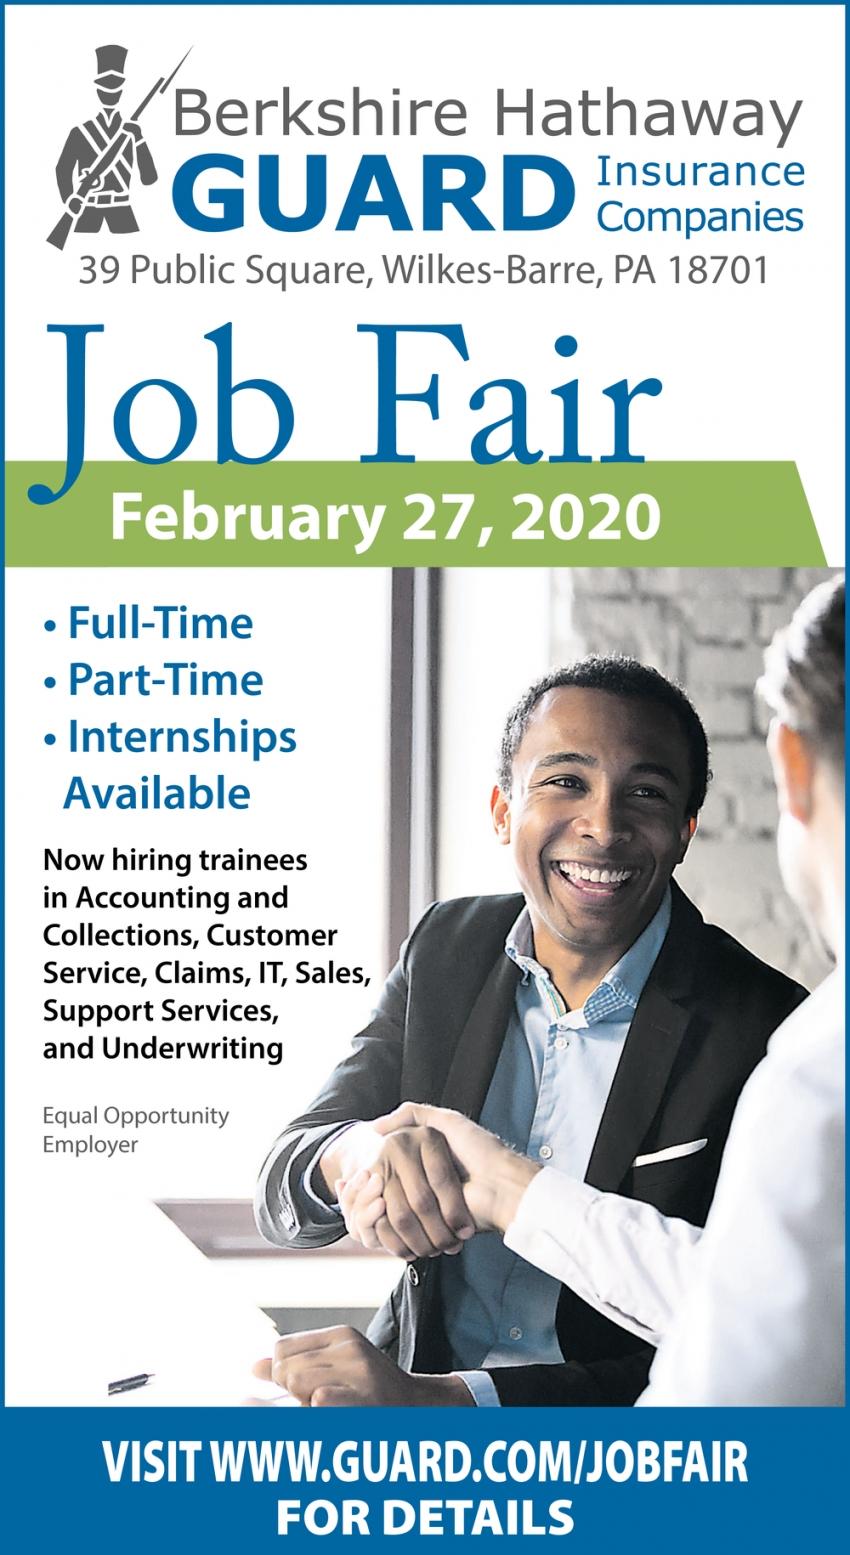 Job Fair February 27, 2020